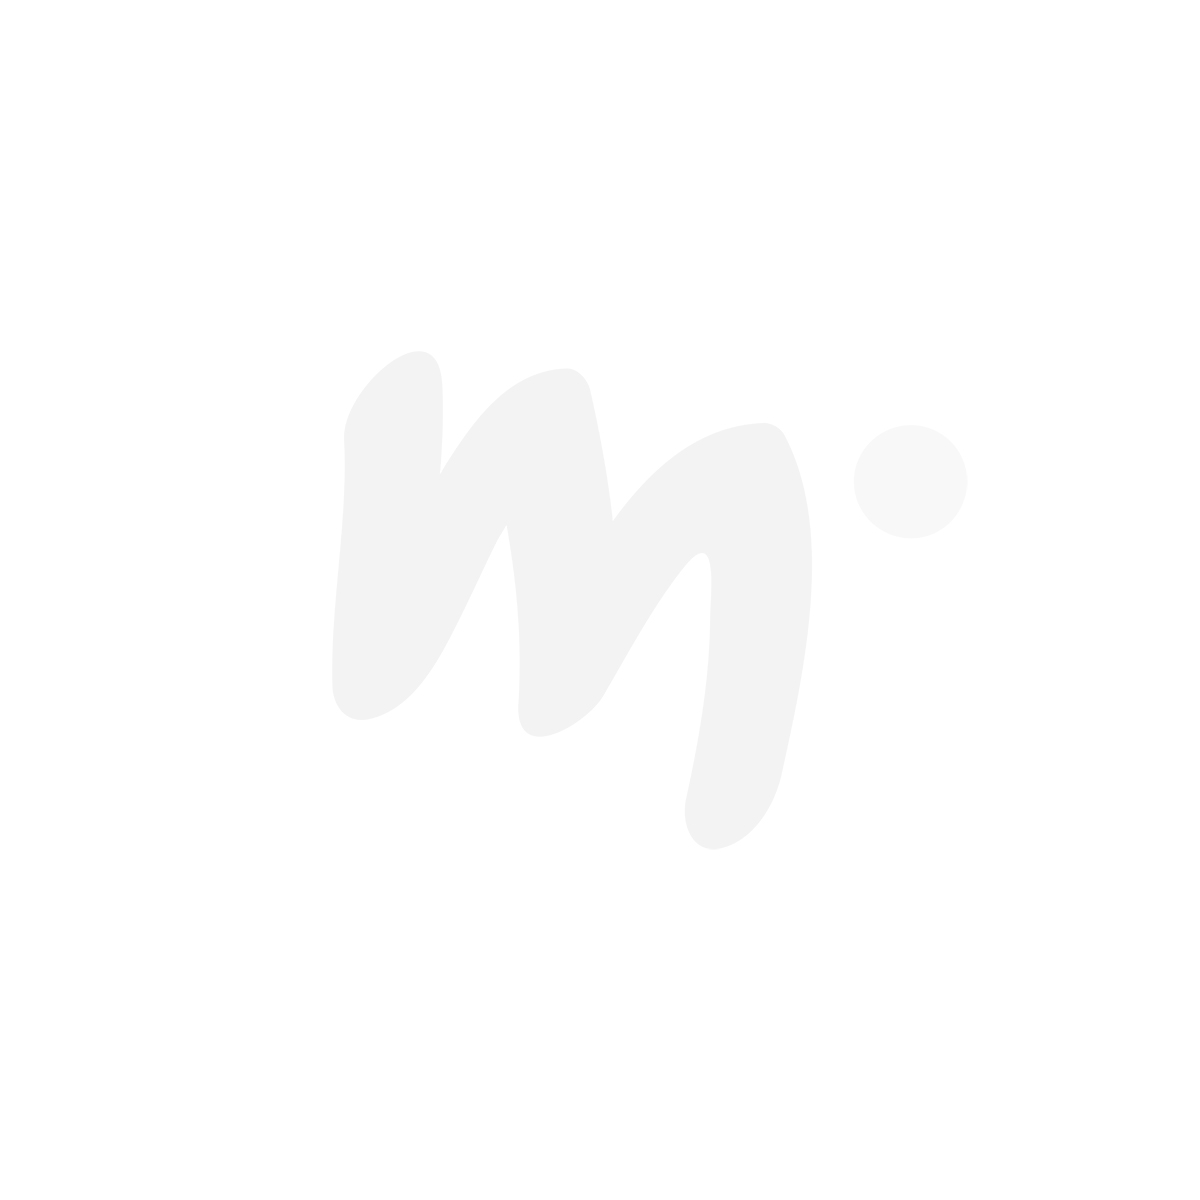 Peppi Pitkätossu Kärrynpyörä-leikkipuku vaaleanpunainen